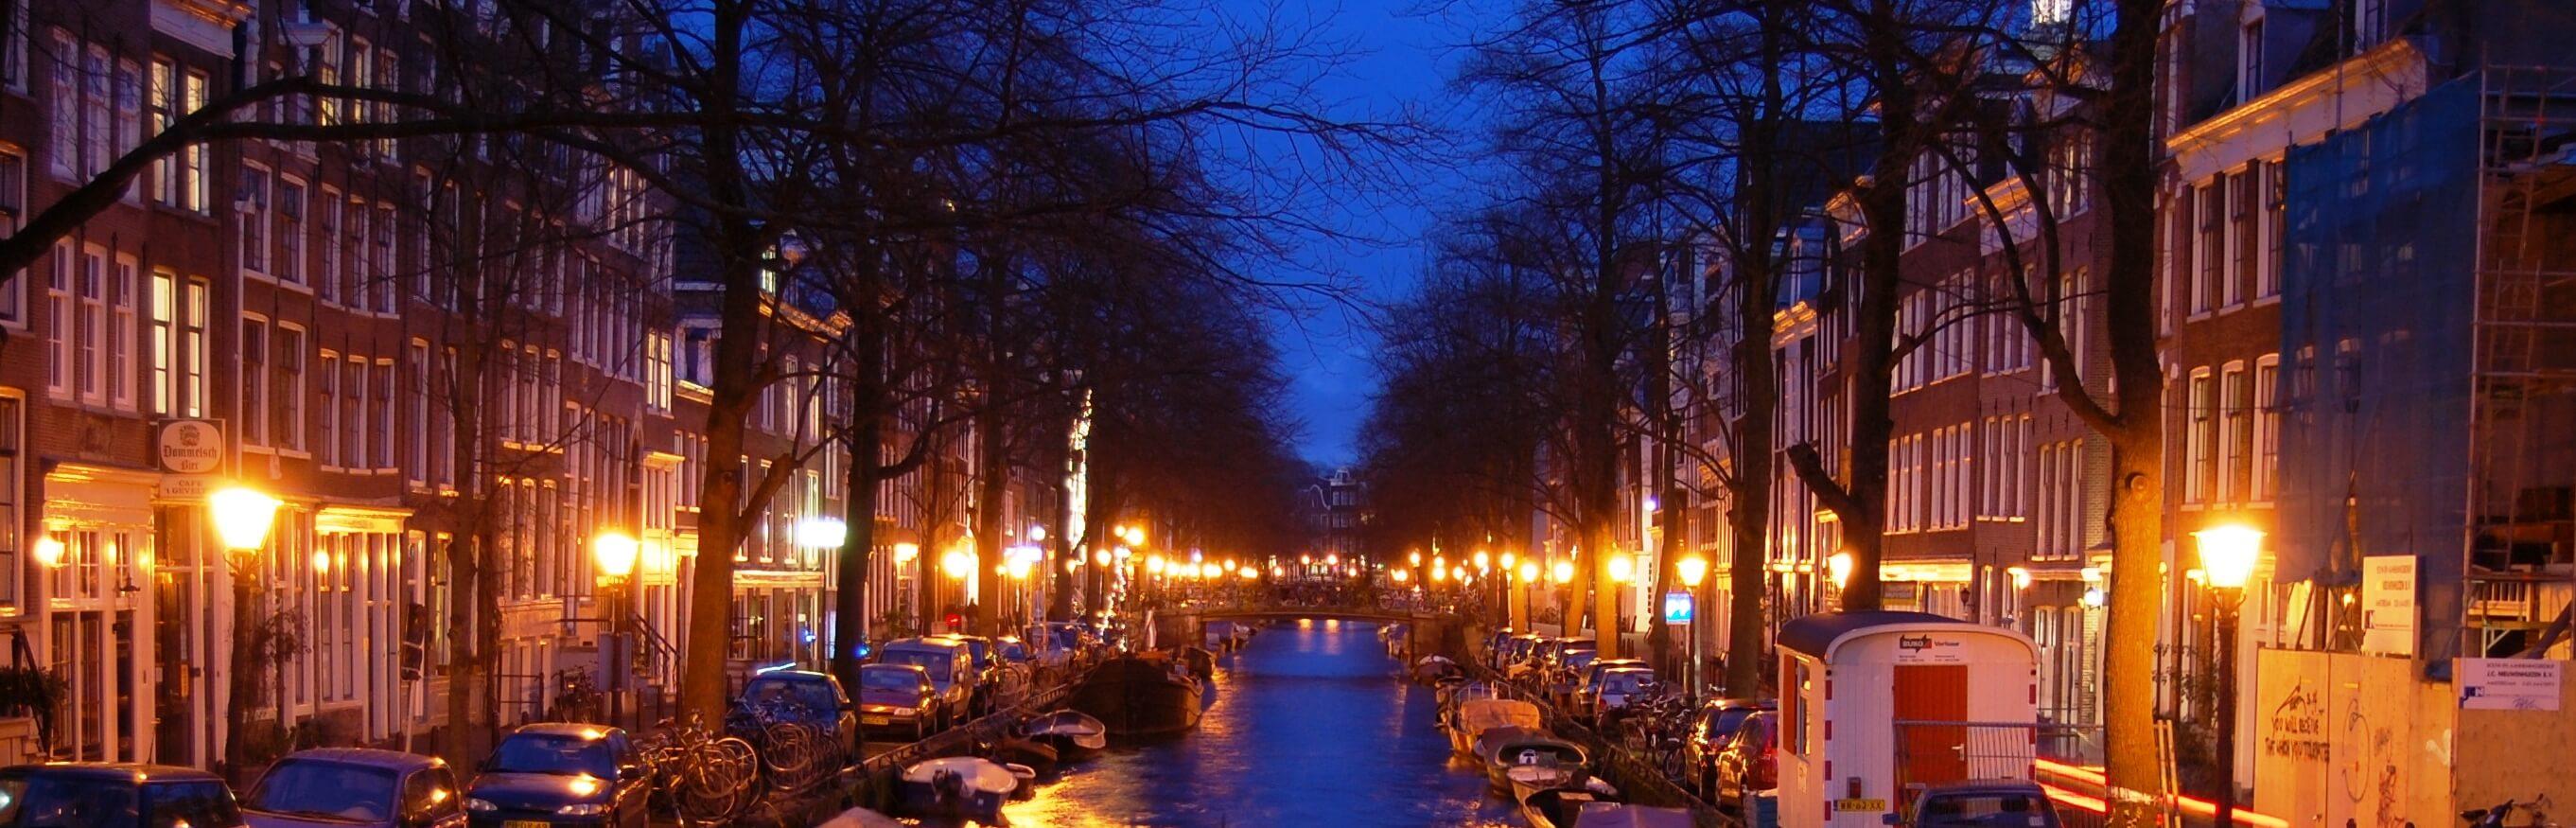 Φθηνές πτήσεις από Αμστερνταμ